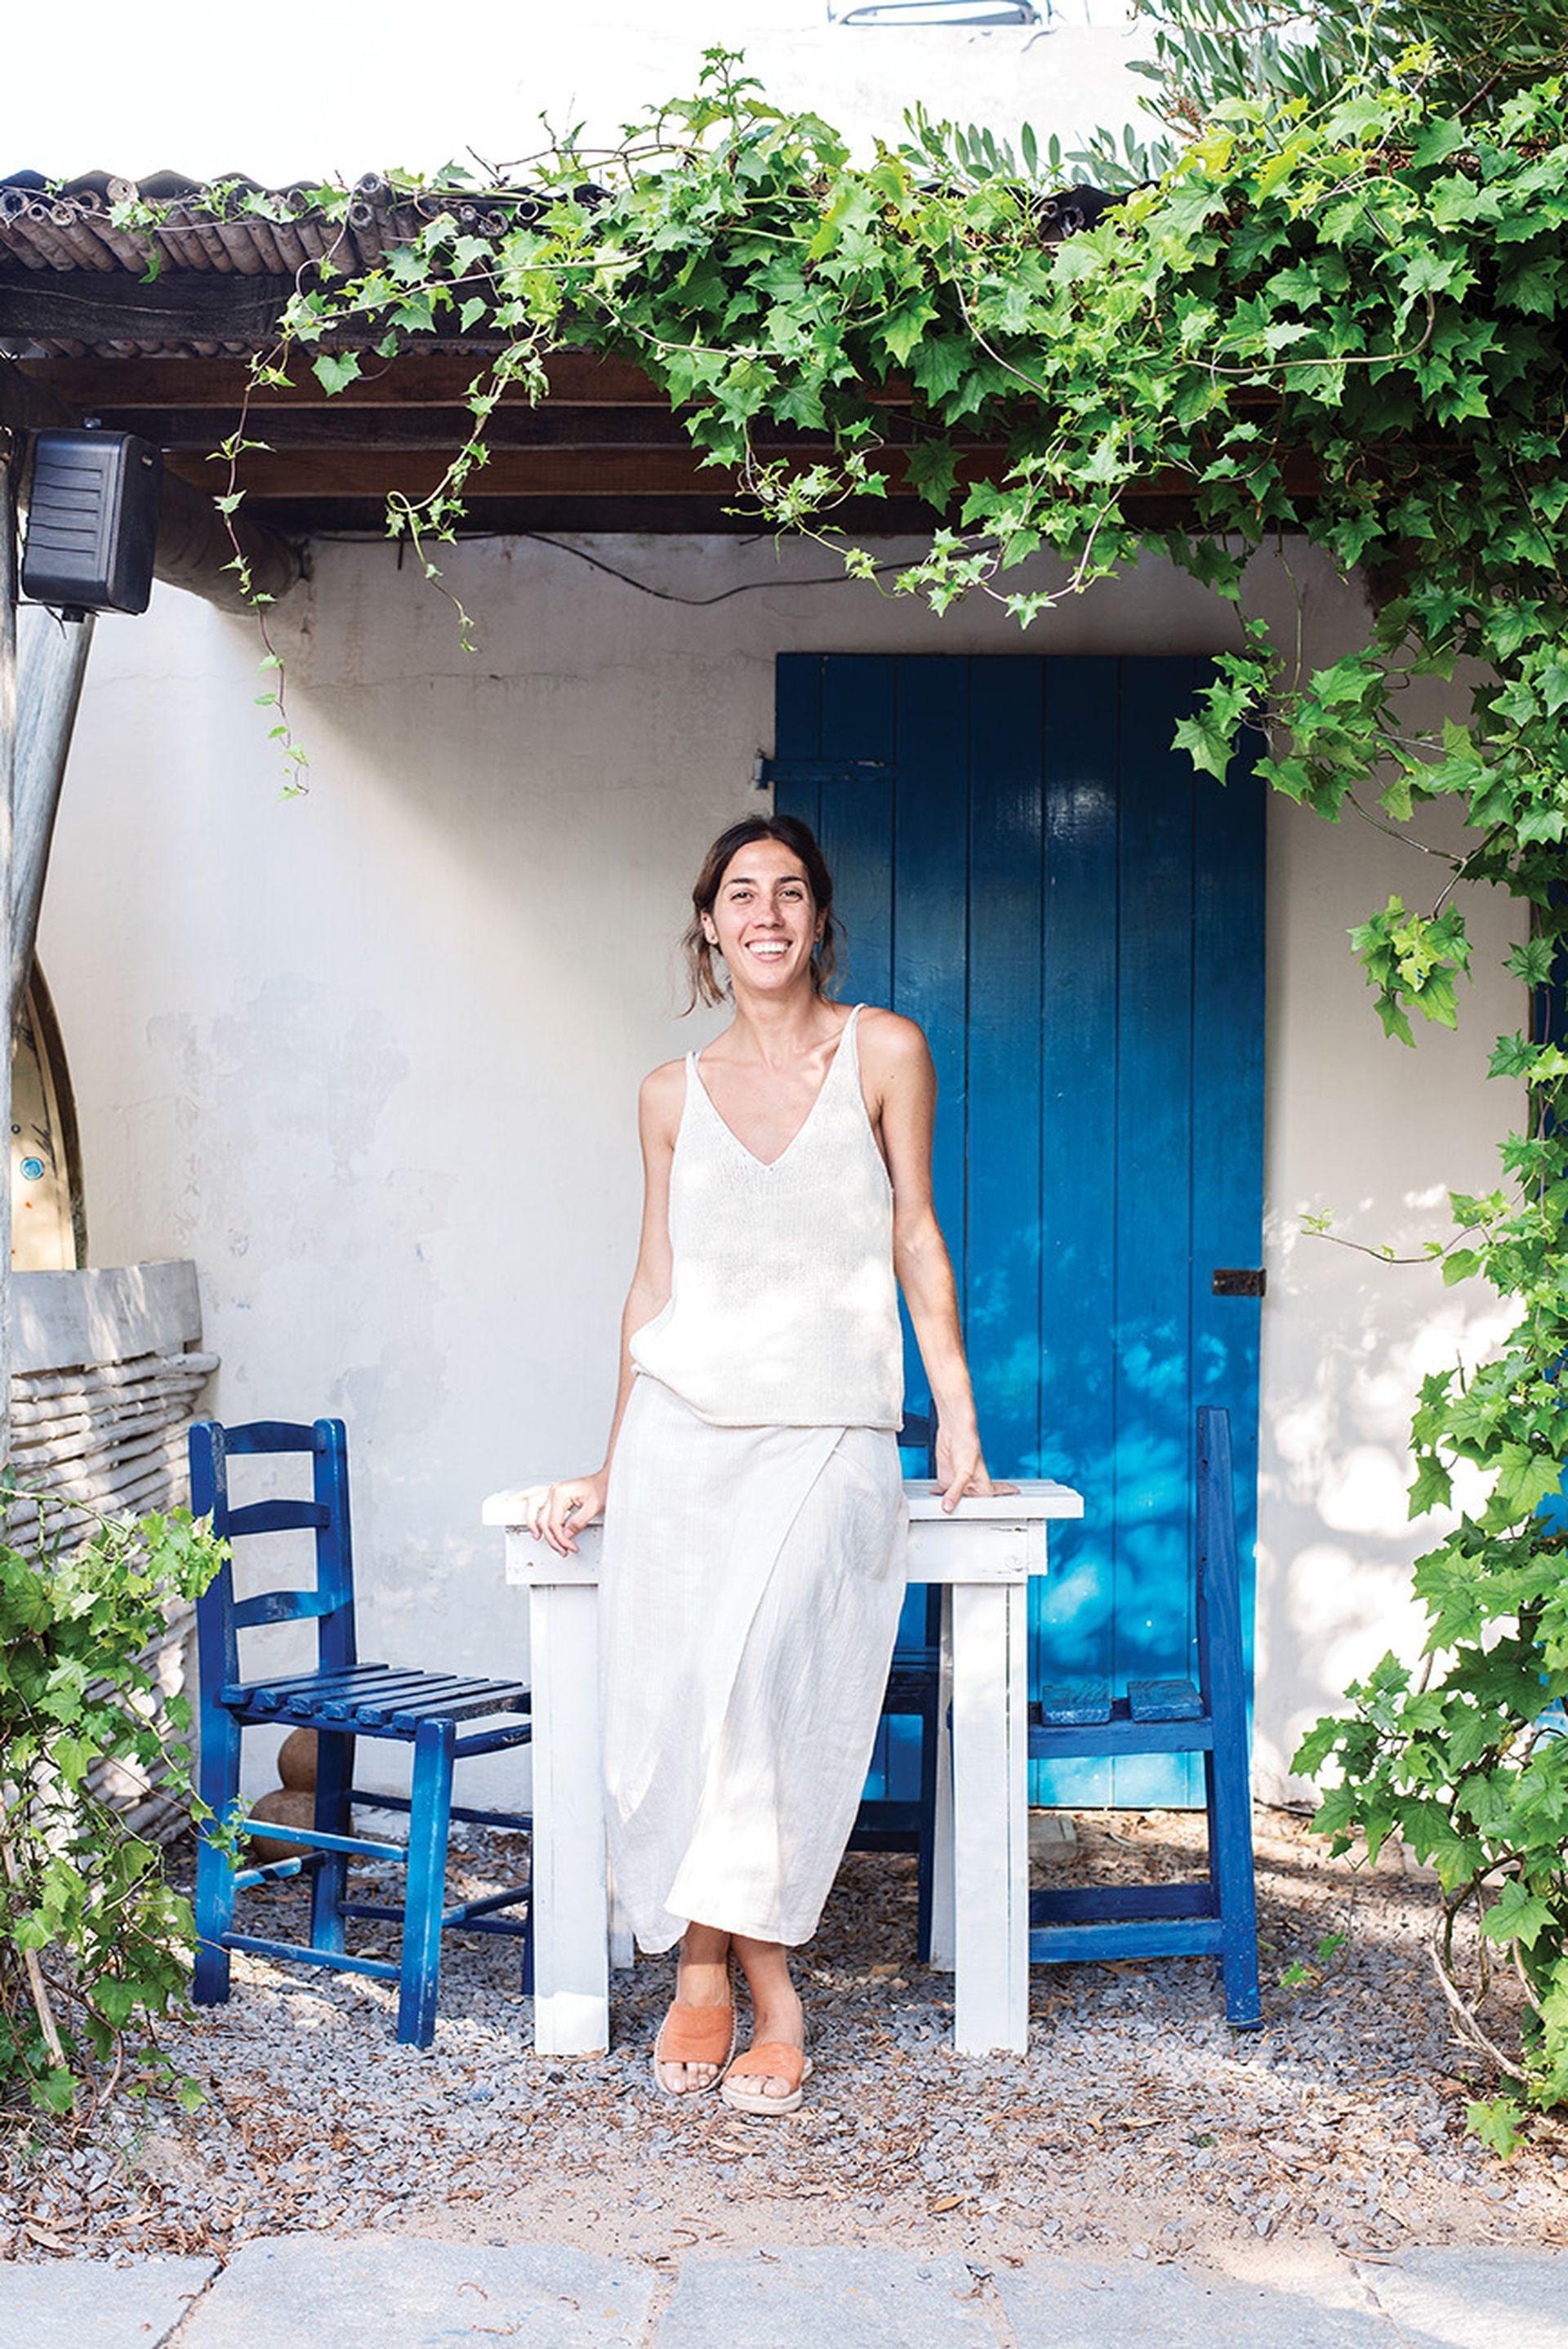 Guillermina Dinelli, de 32 años, cambió Palermo por Punta del Este, donde se dedica a la decoración de interiores